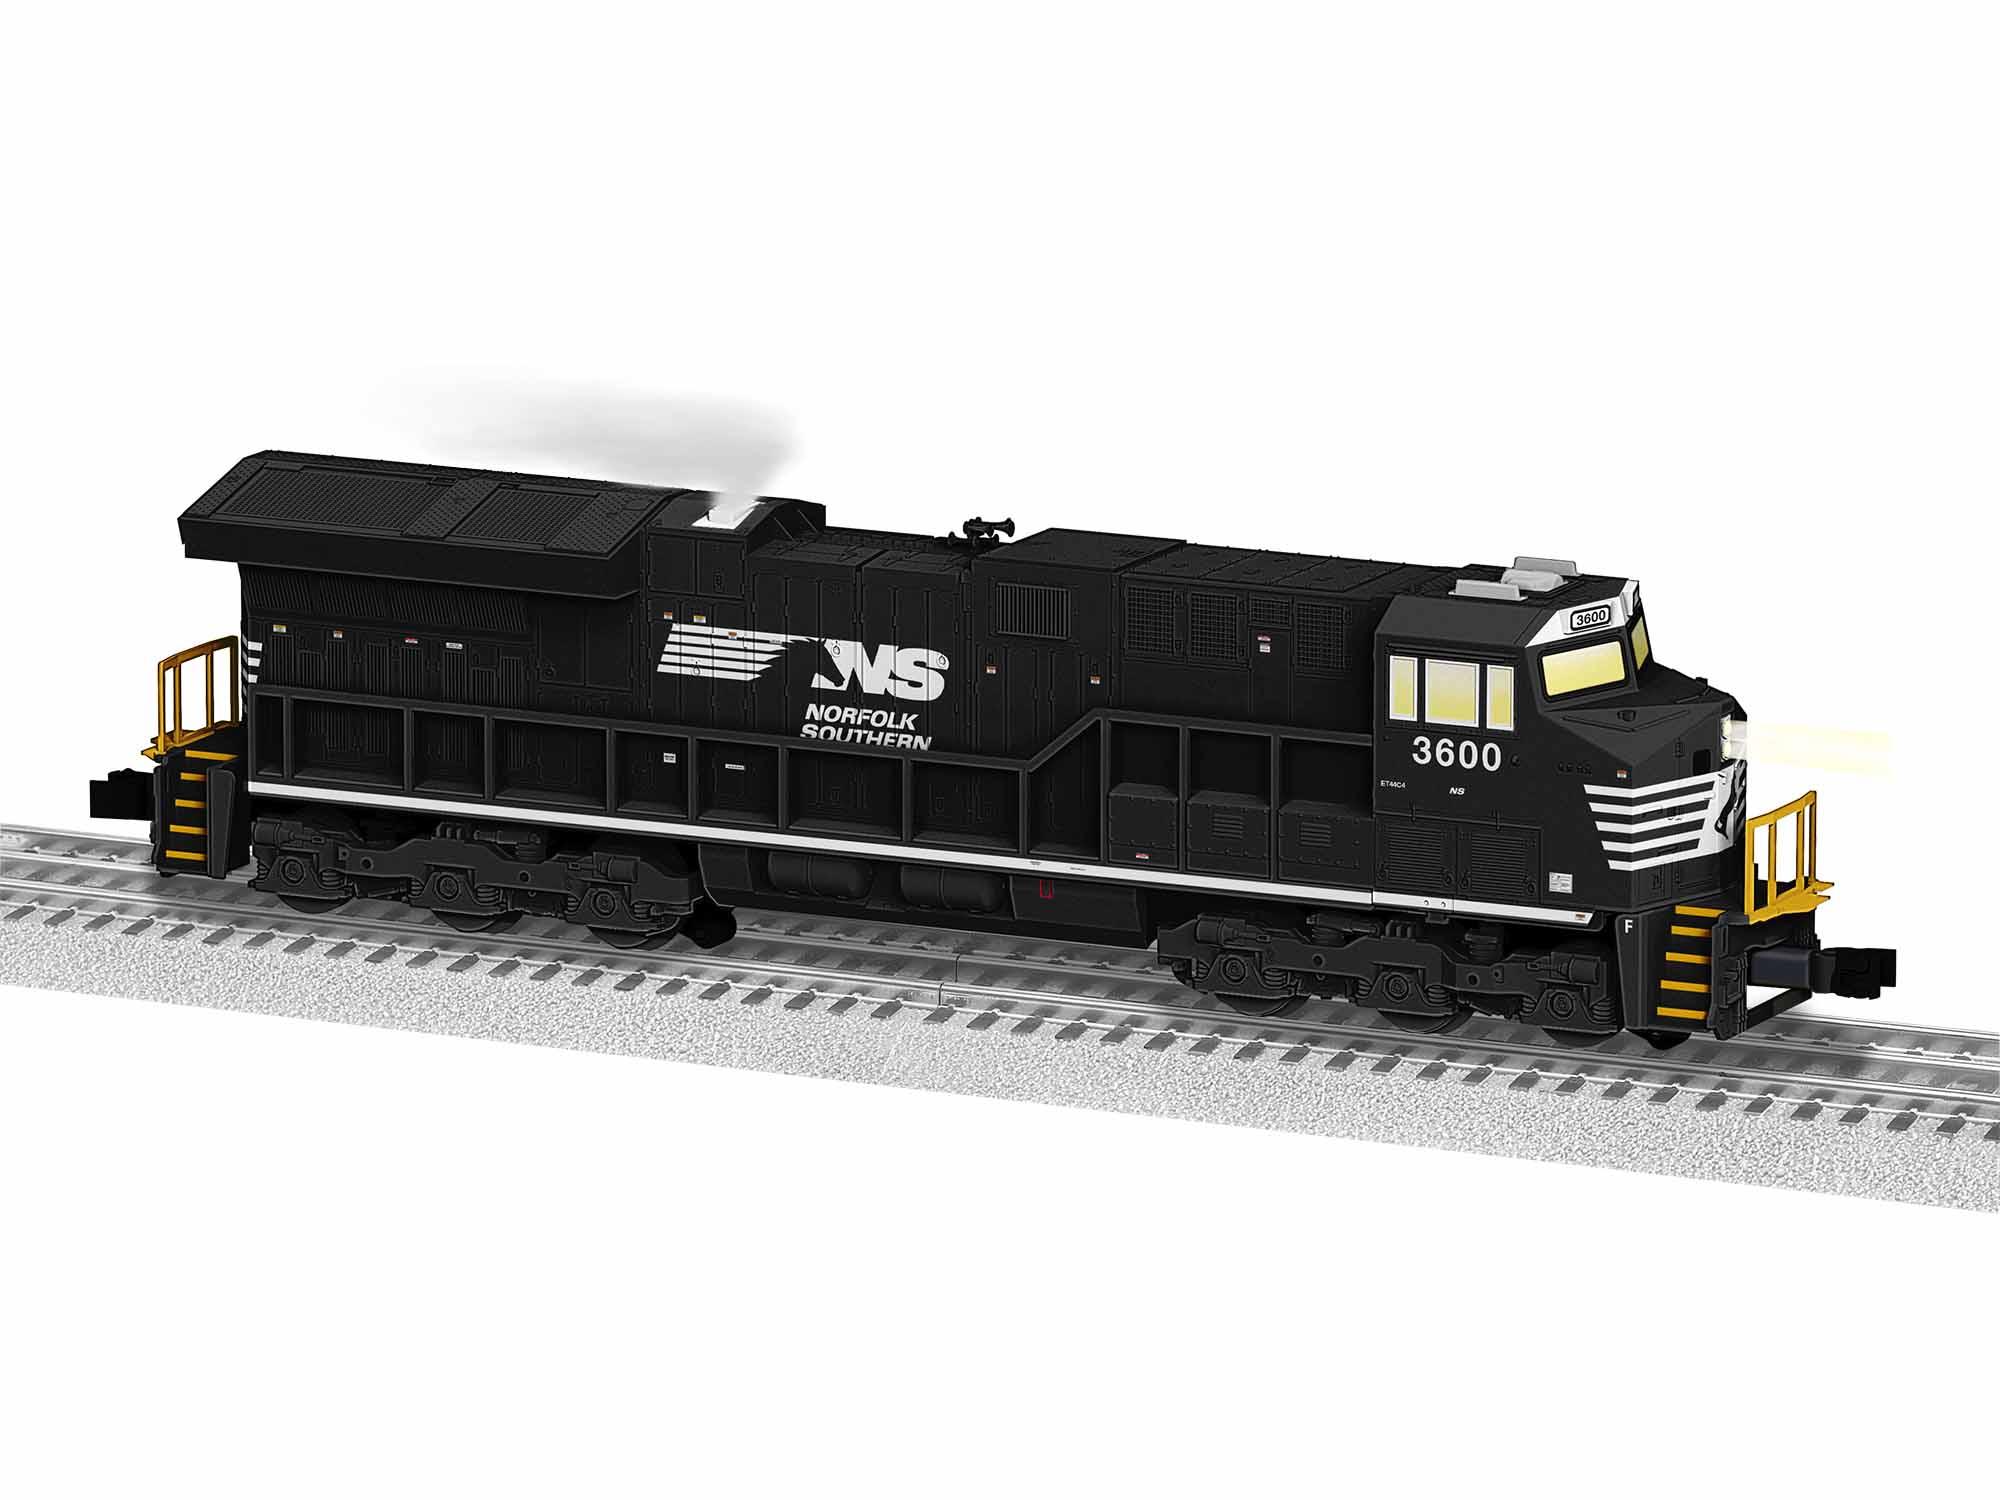 LNL1934031 Lionel O-31 ET44AC, NS #3600